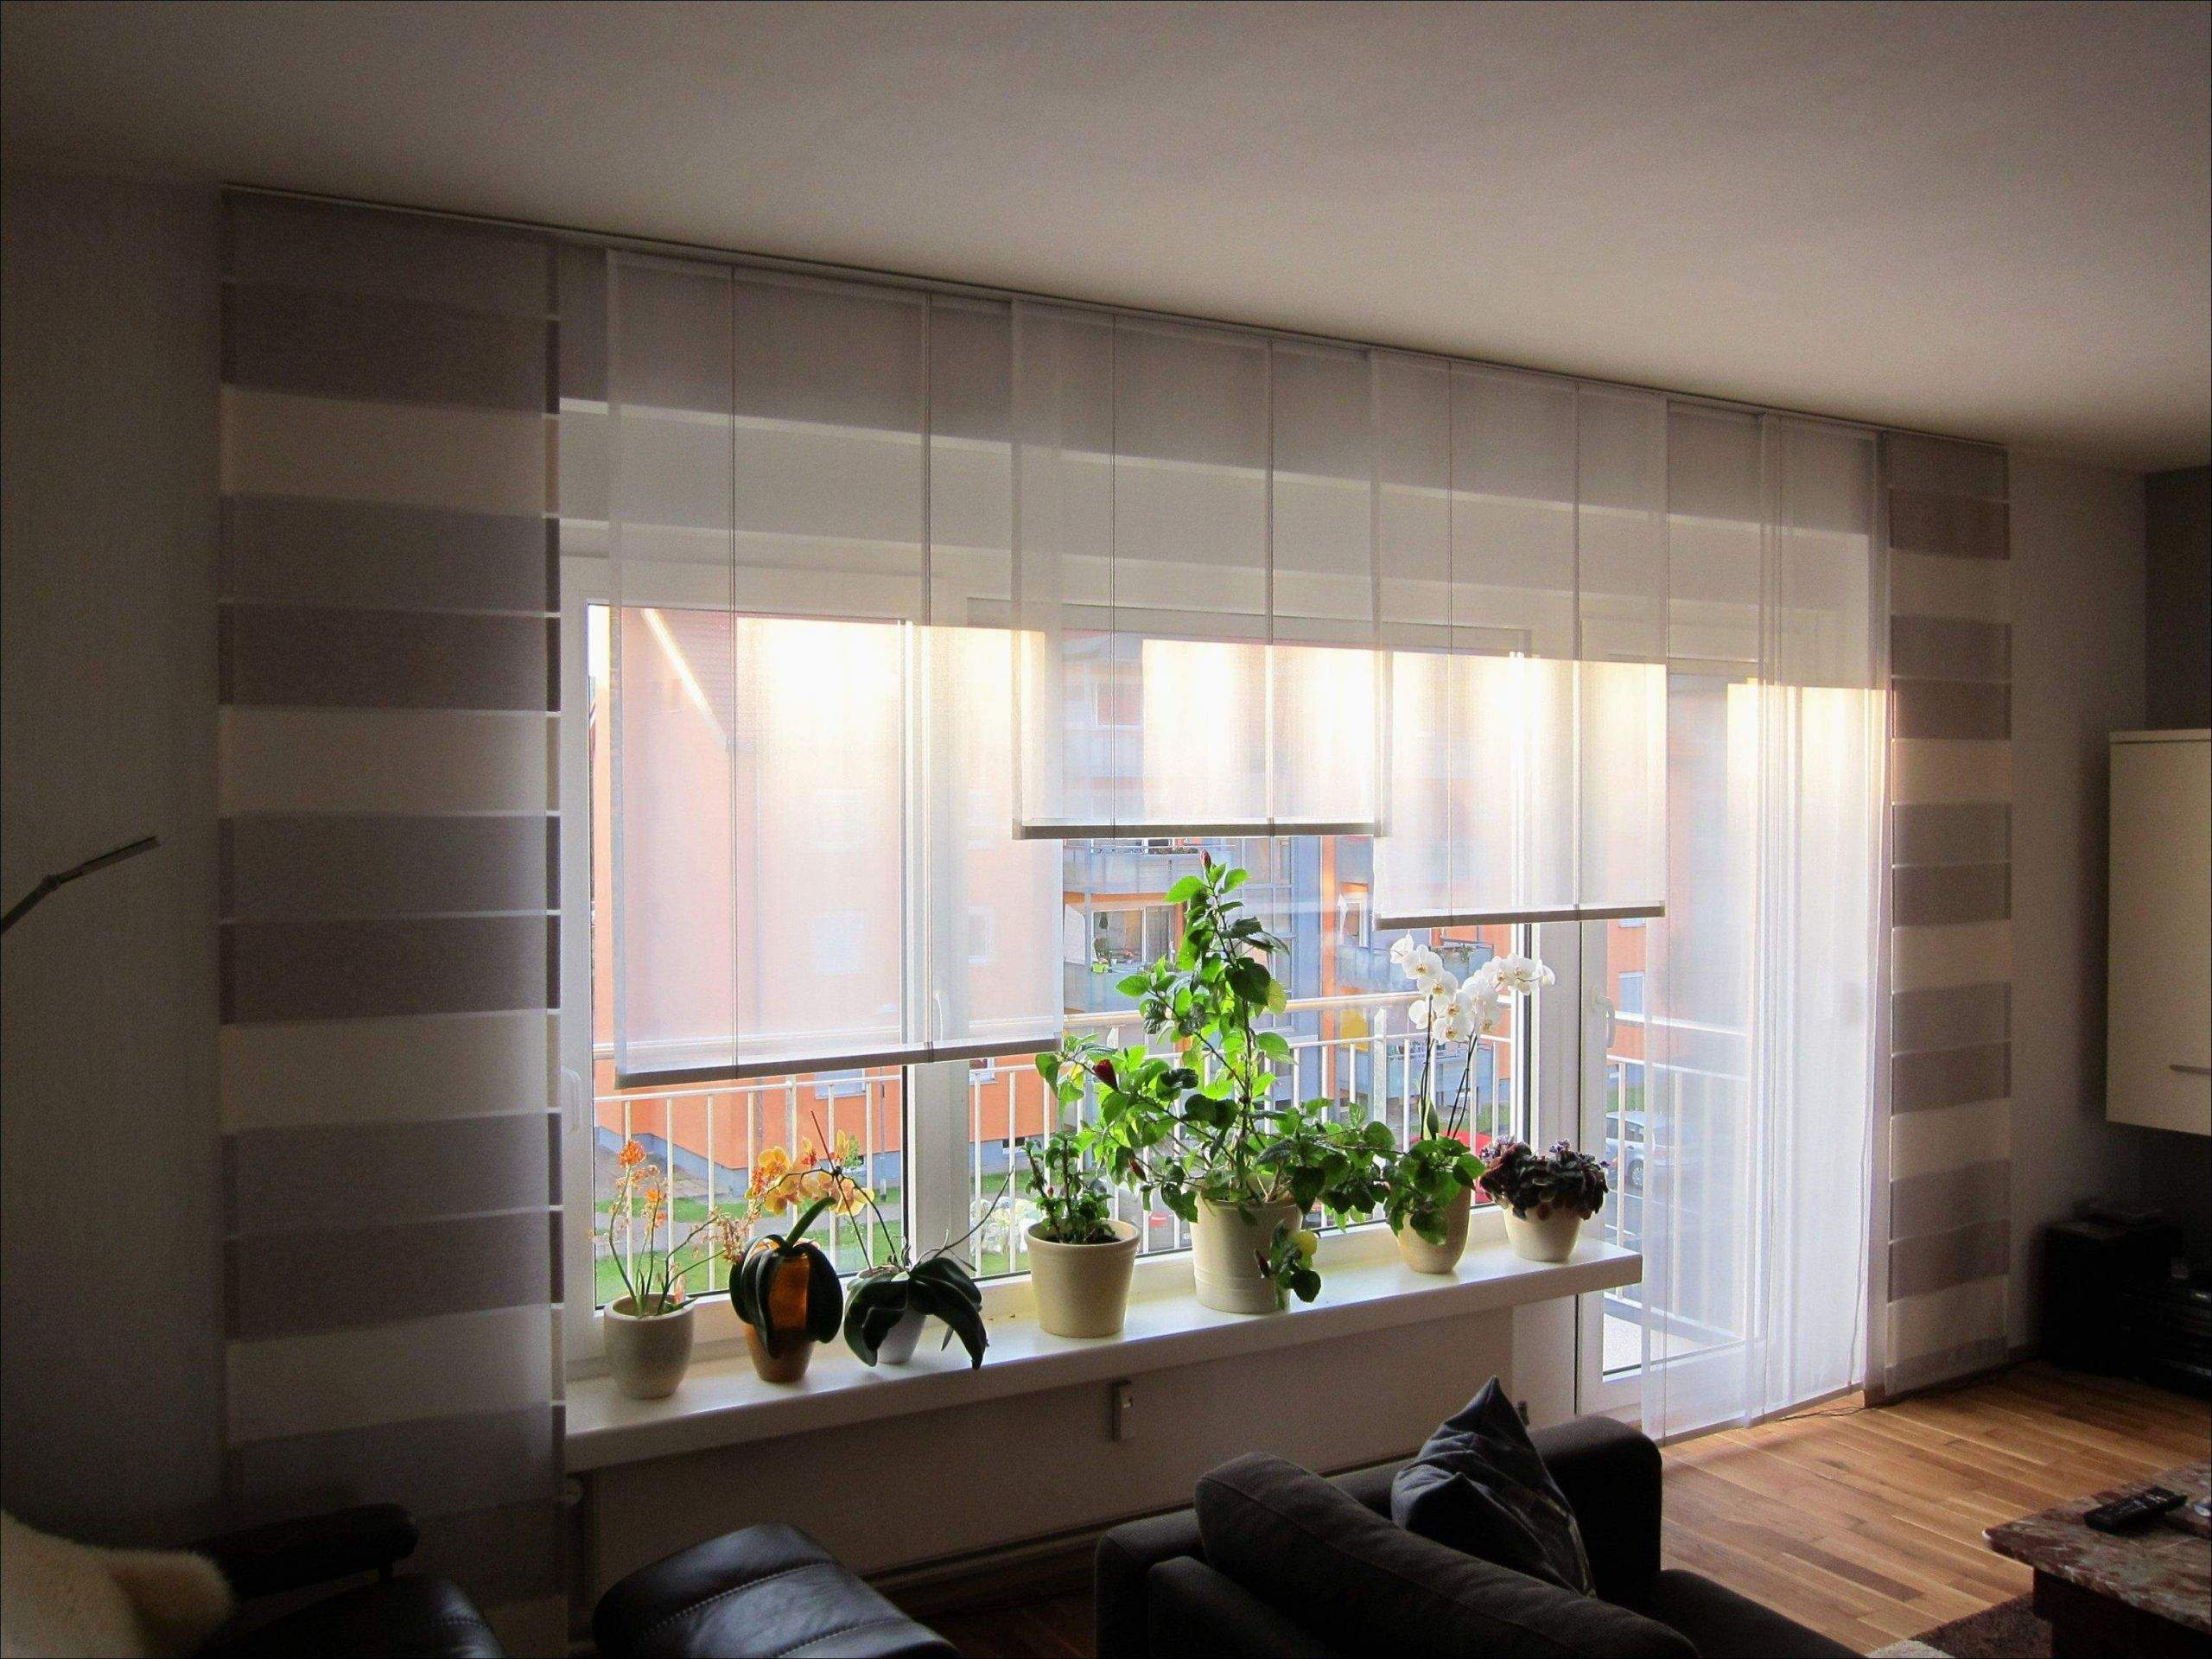 vertikaler garten kaufen das beste von 27 neu wohnzimmer gardinen das beste von of vertikaler garten kaufen